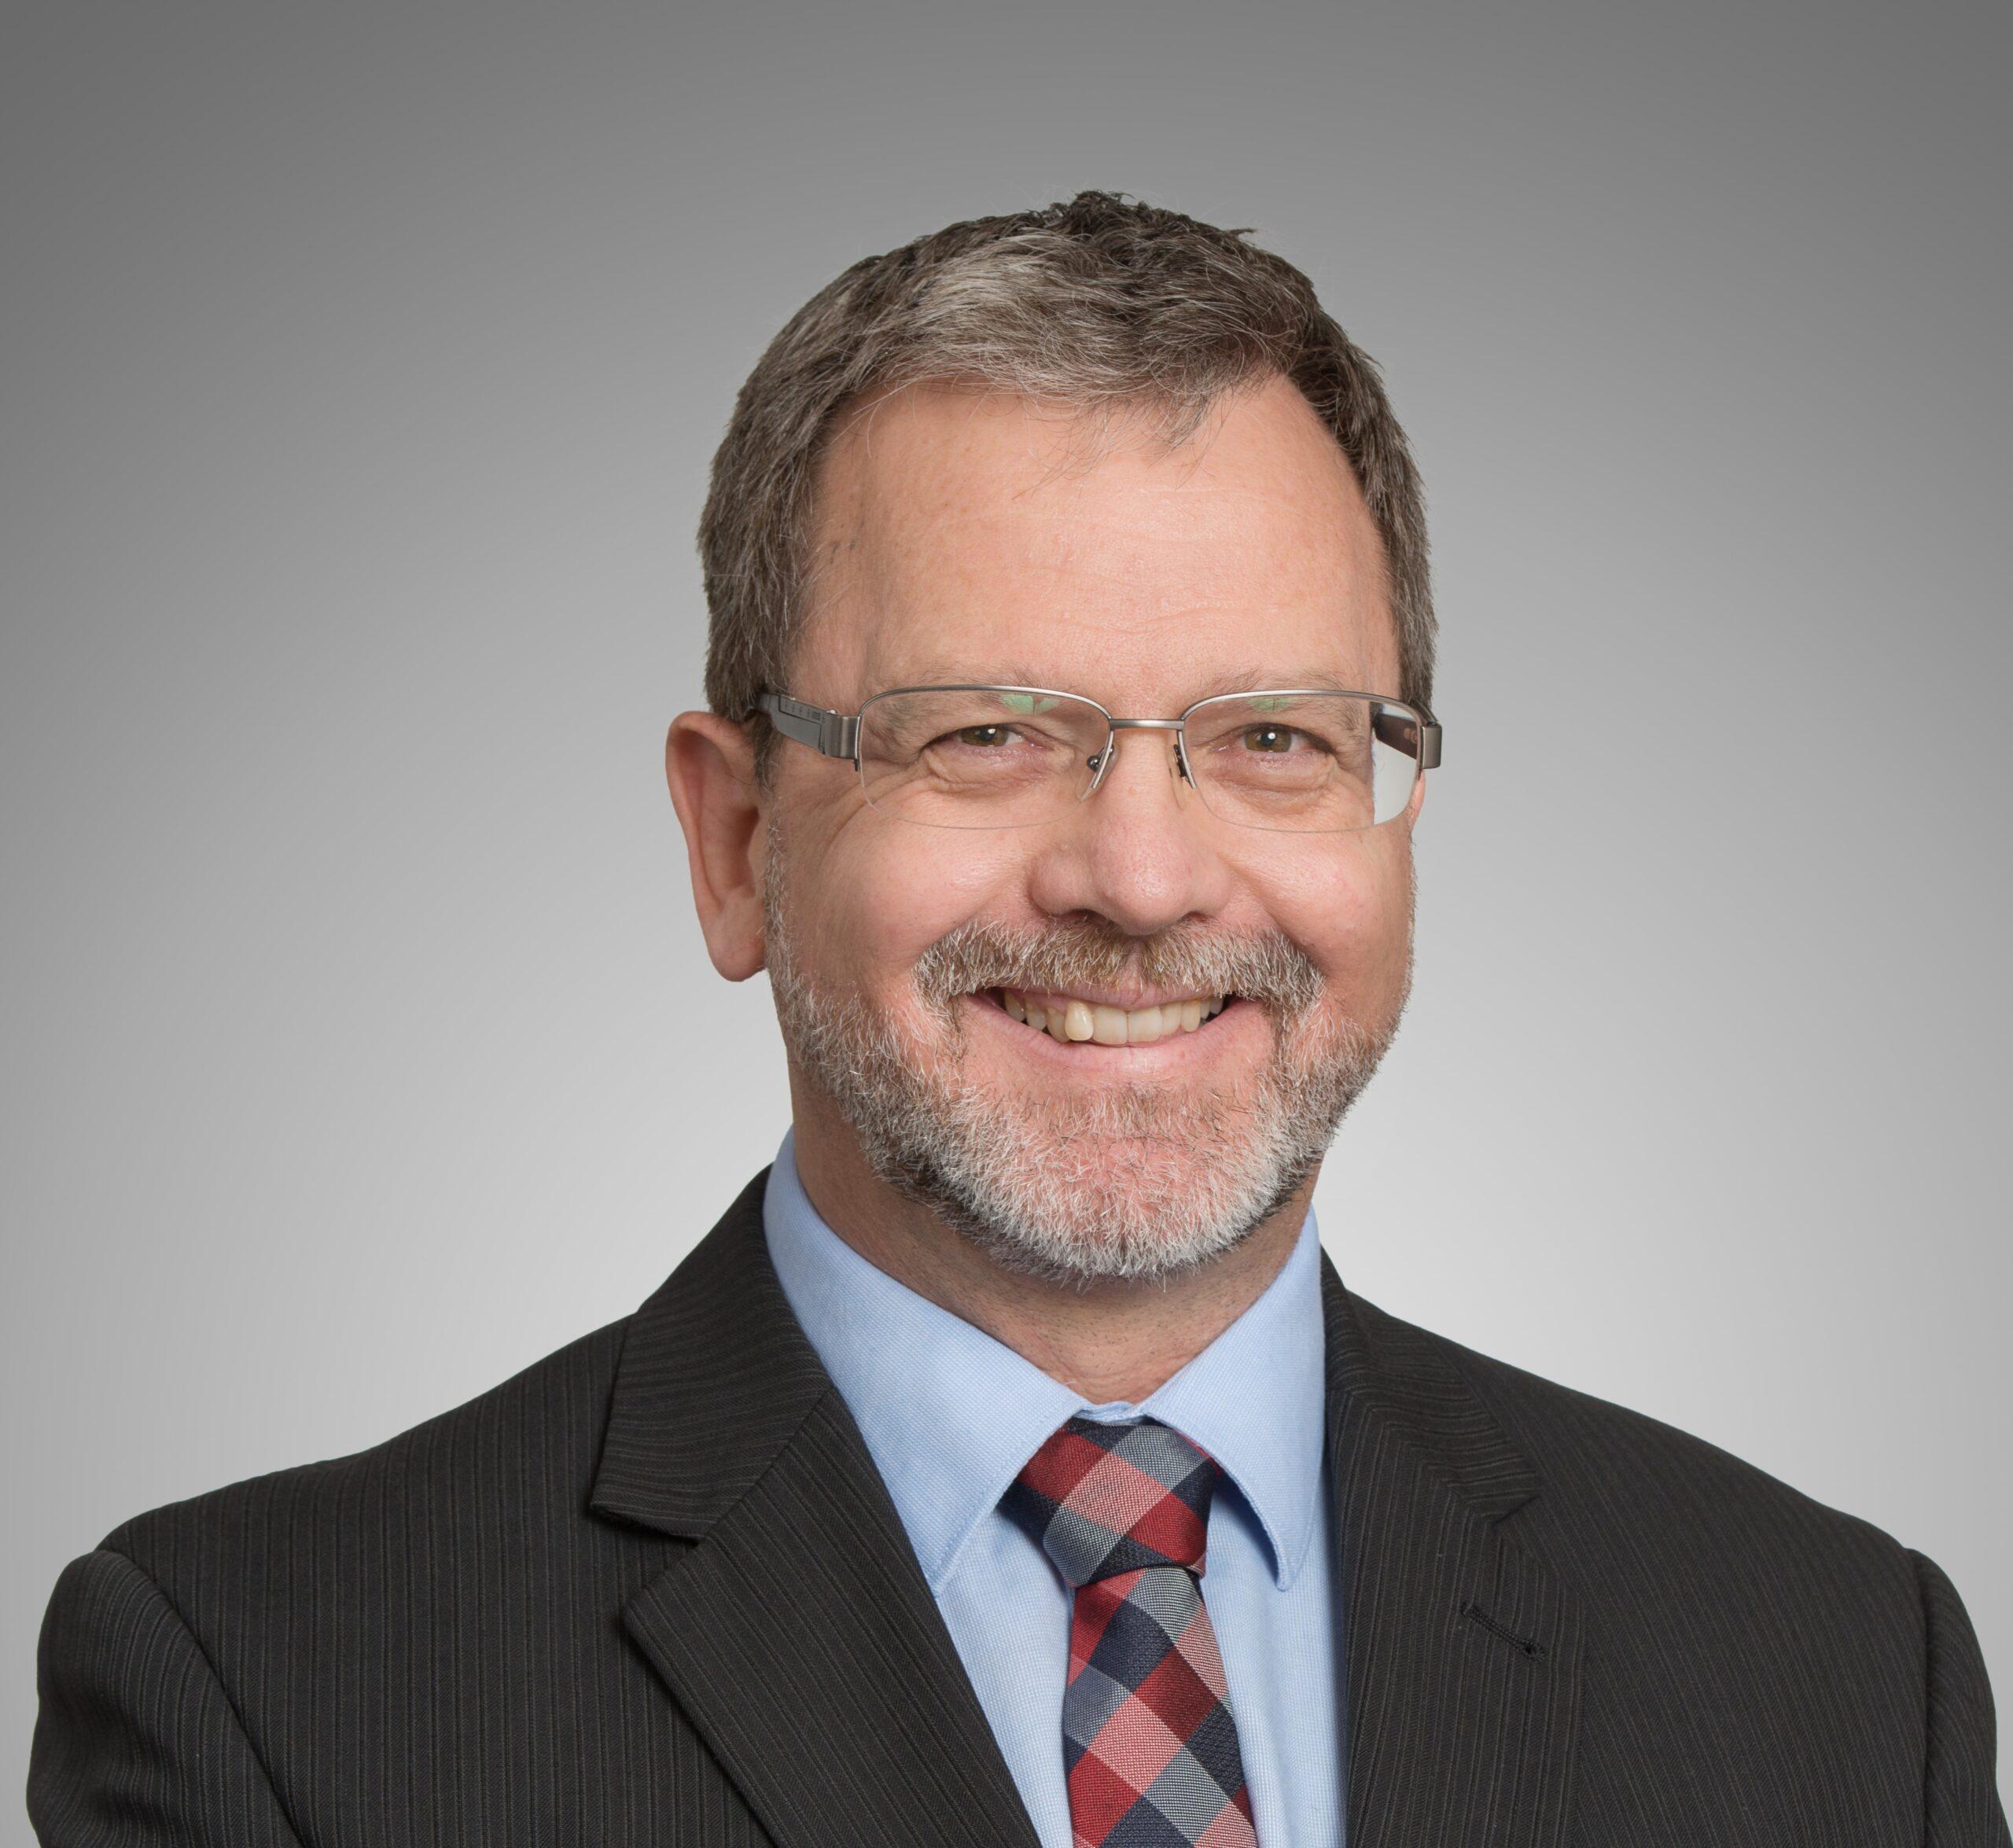 Mark Noppe